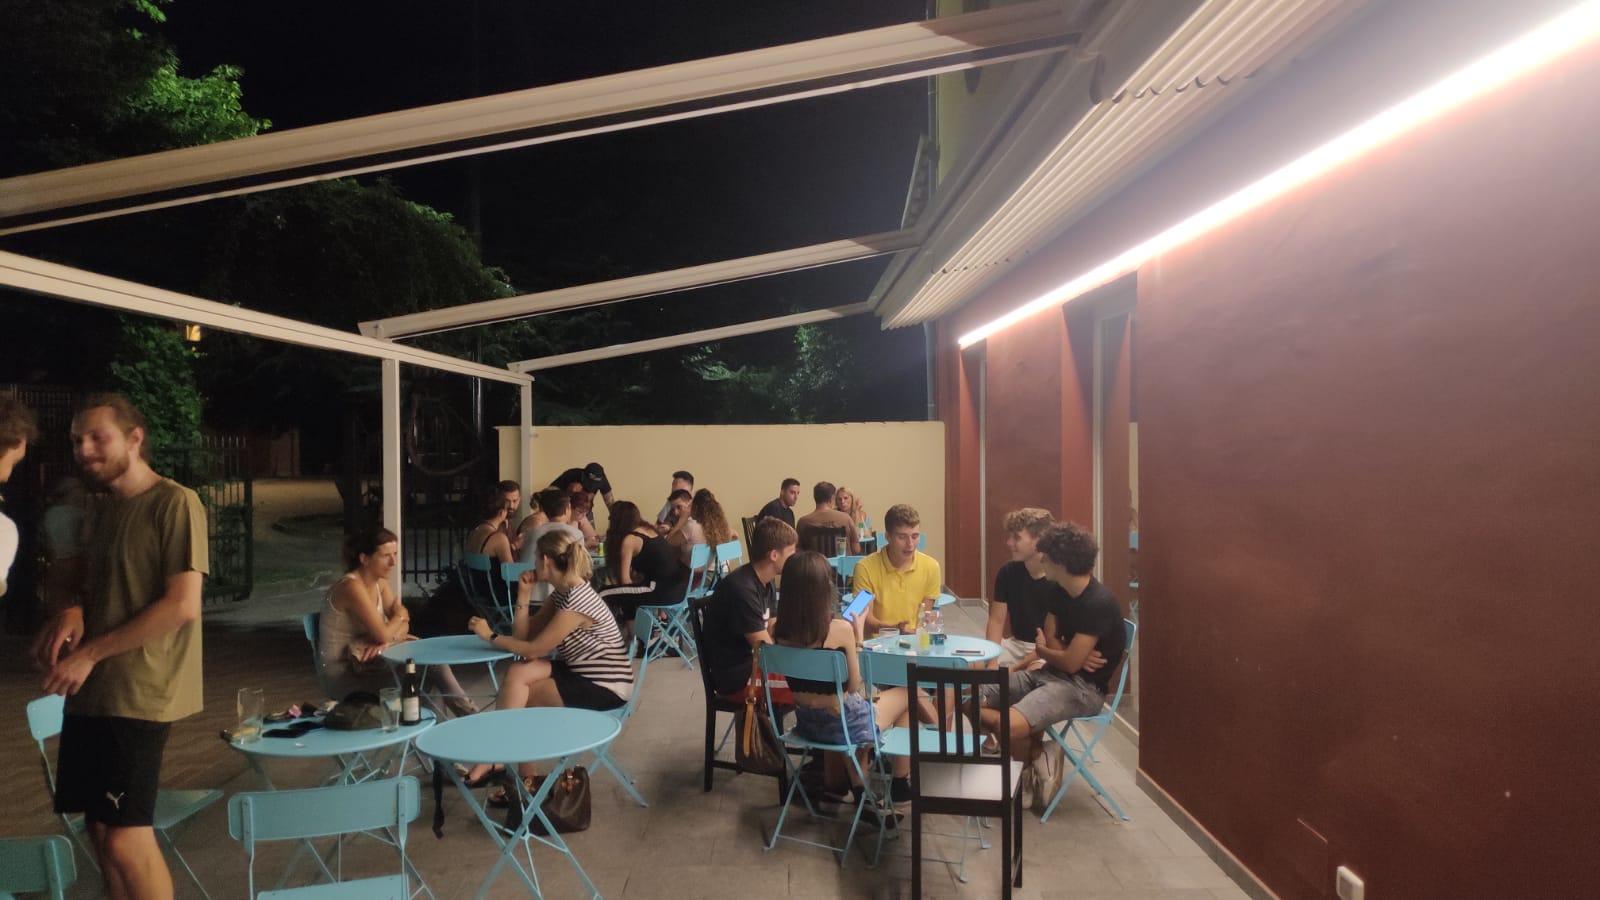 Al Baretto Torino, esterno del locale di sera - tavolini all'aperto nel dehor con gente seduta